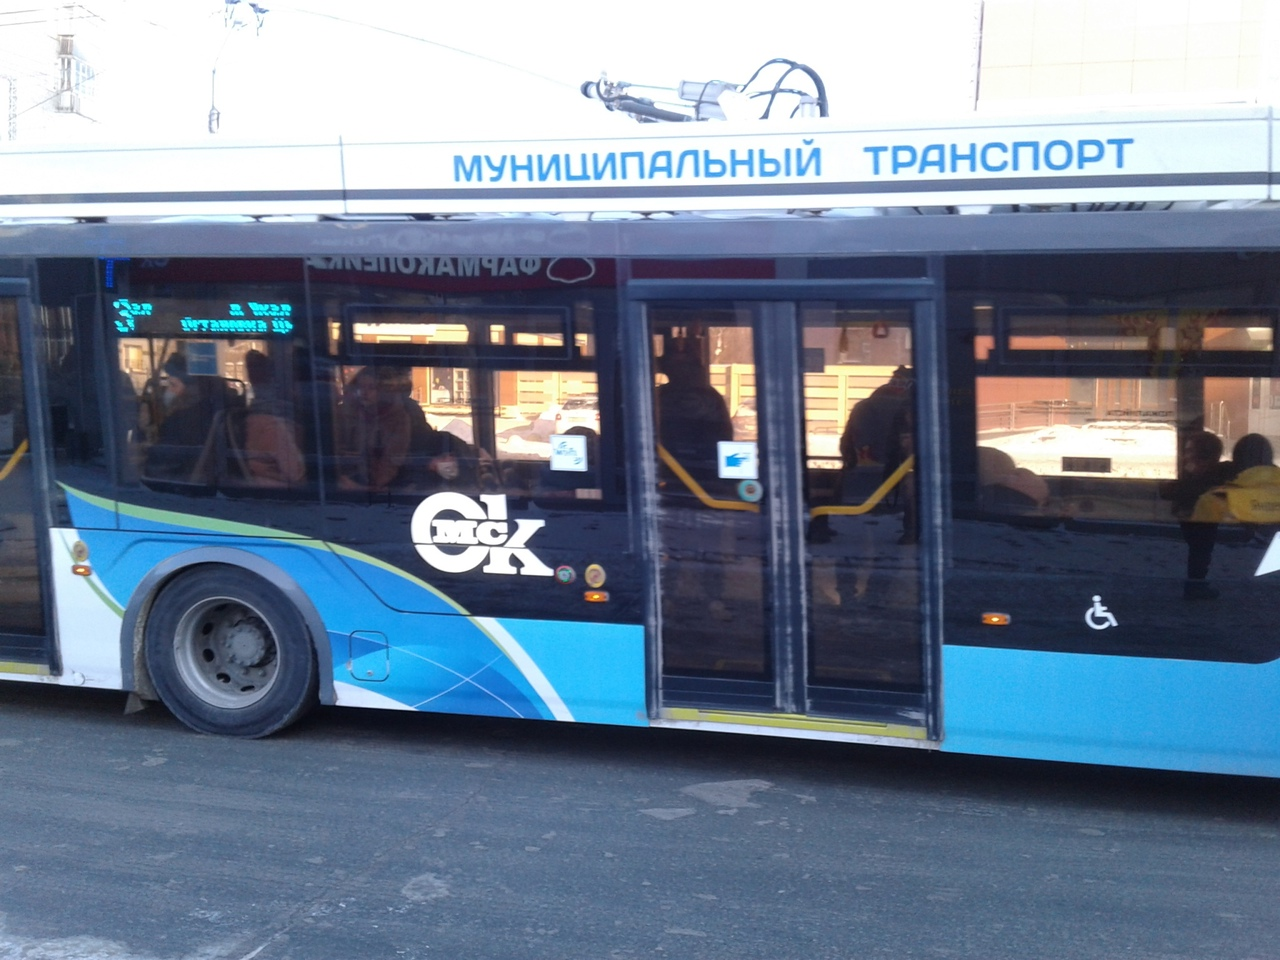 В Омске на новые «Адмиралы» стали наносить эмблемы и надписи #Новости #Общество #Омск